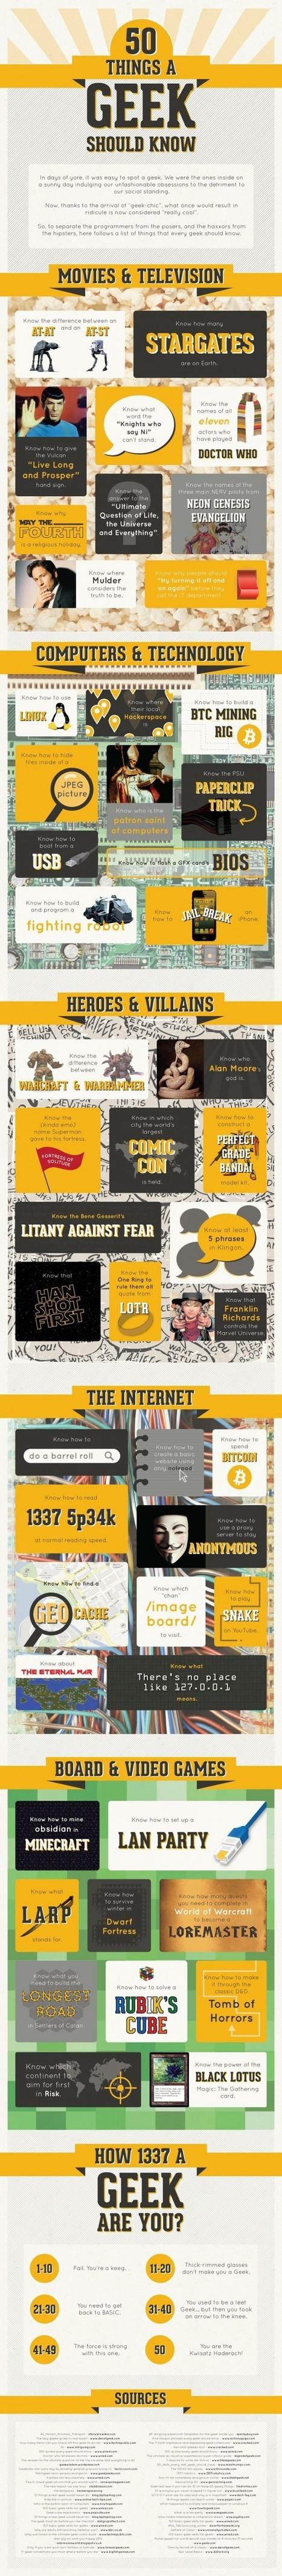 50 rasgos de un verdadero geek   TICbeat   Dani Reyes   Scoop.it